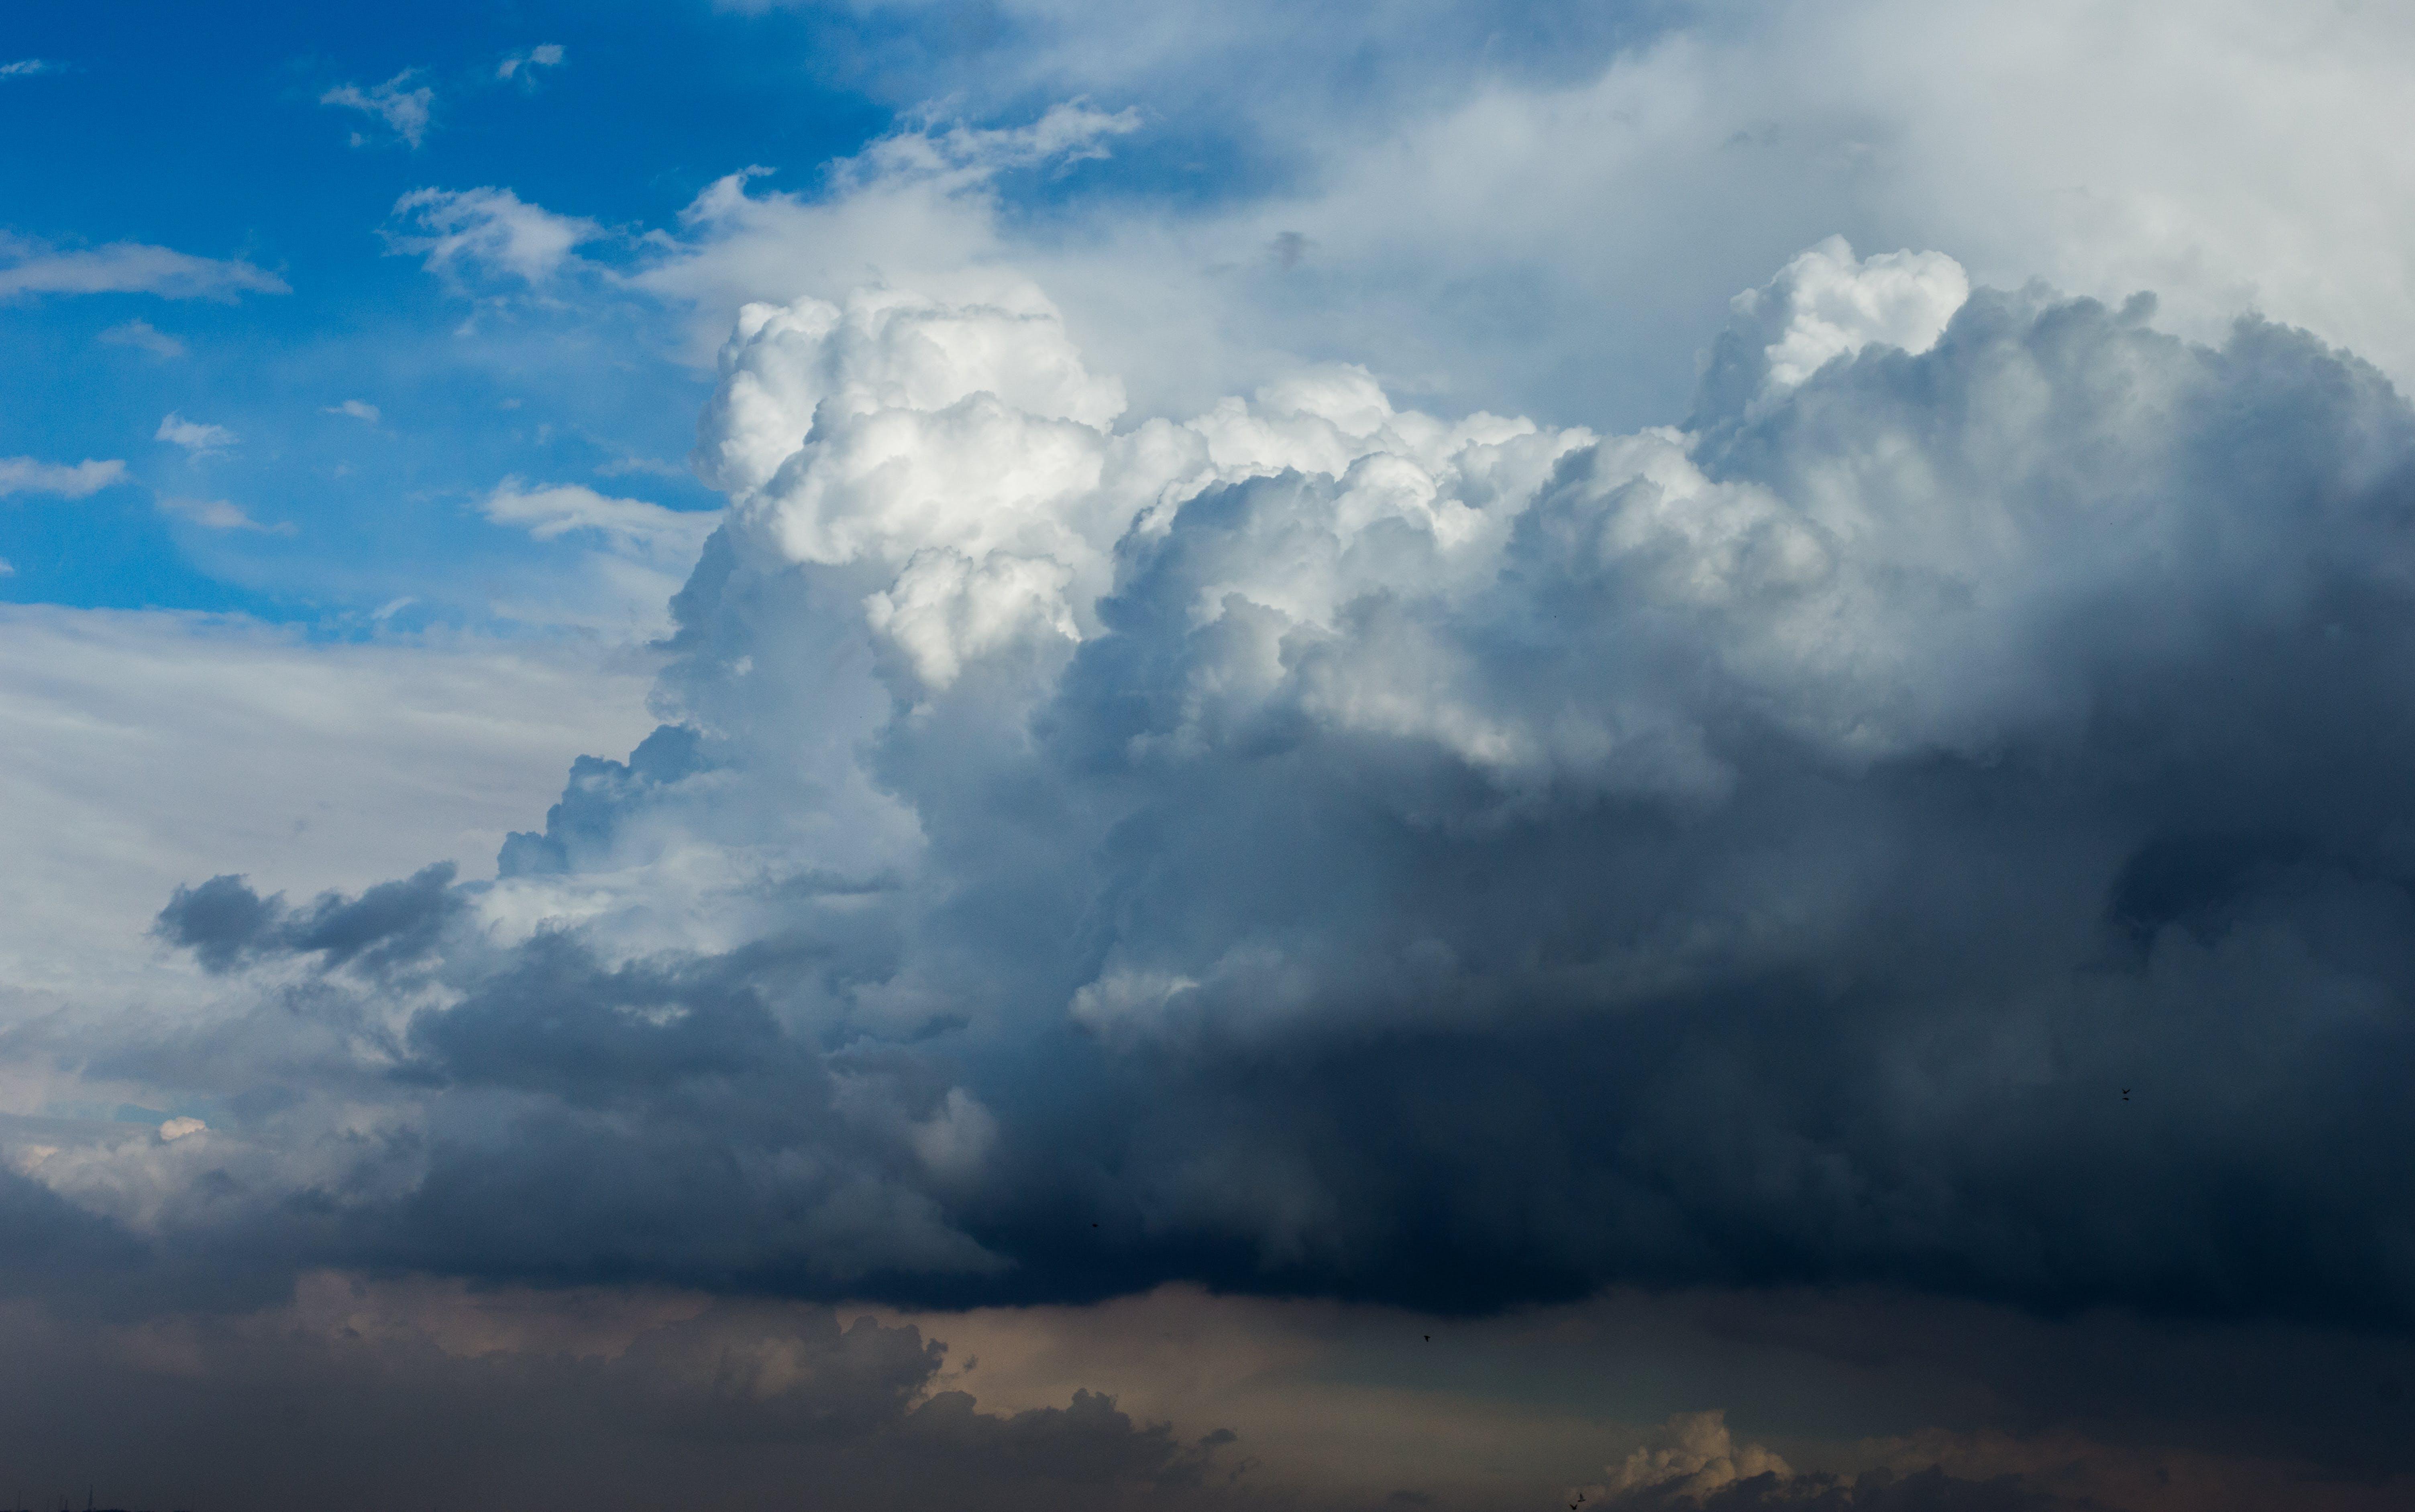 구름, 구름 경치, 자연, 천국의 무료 스톡 사진